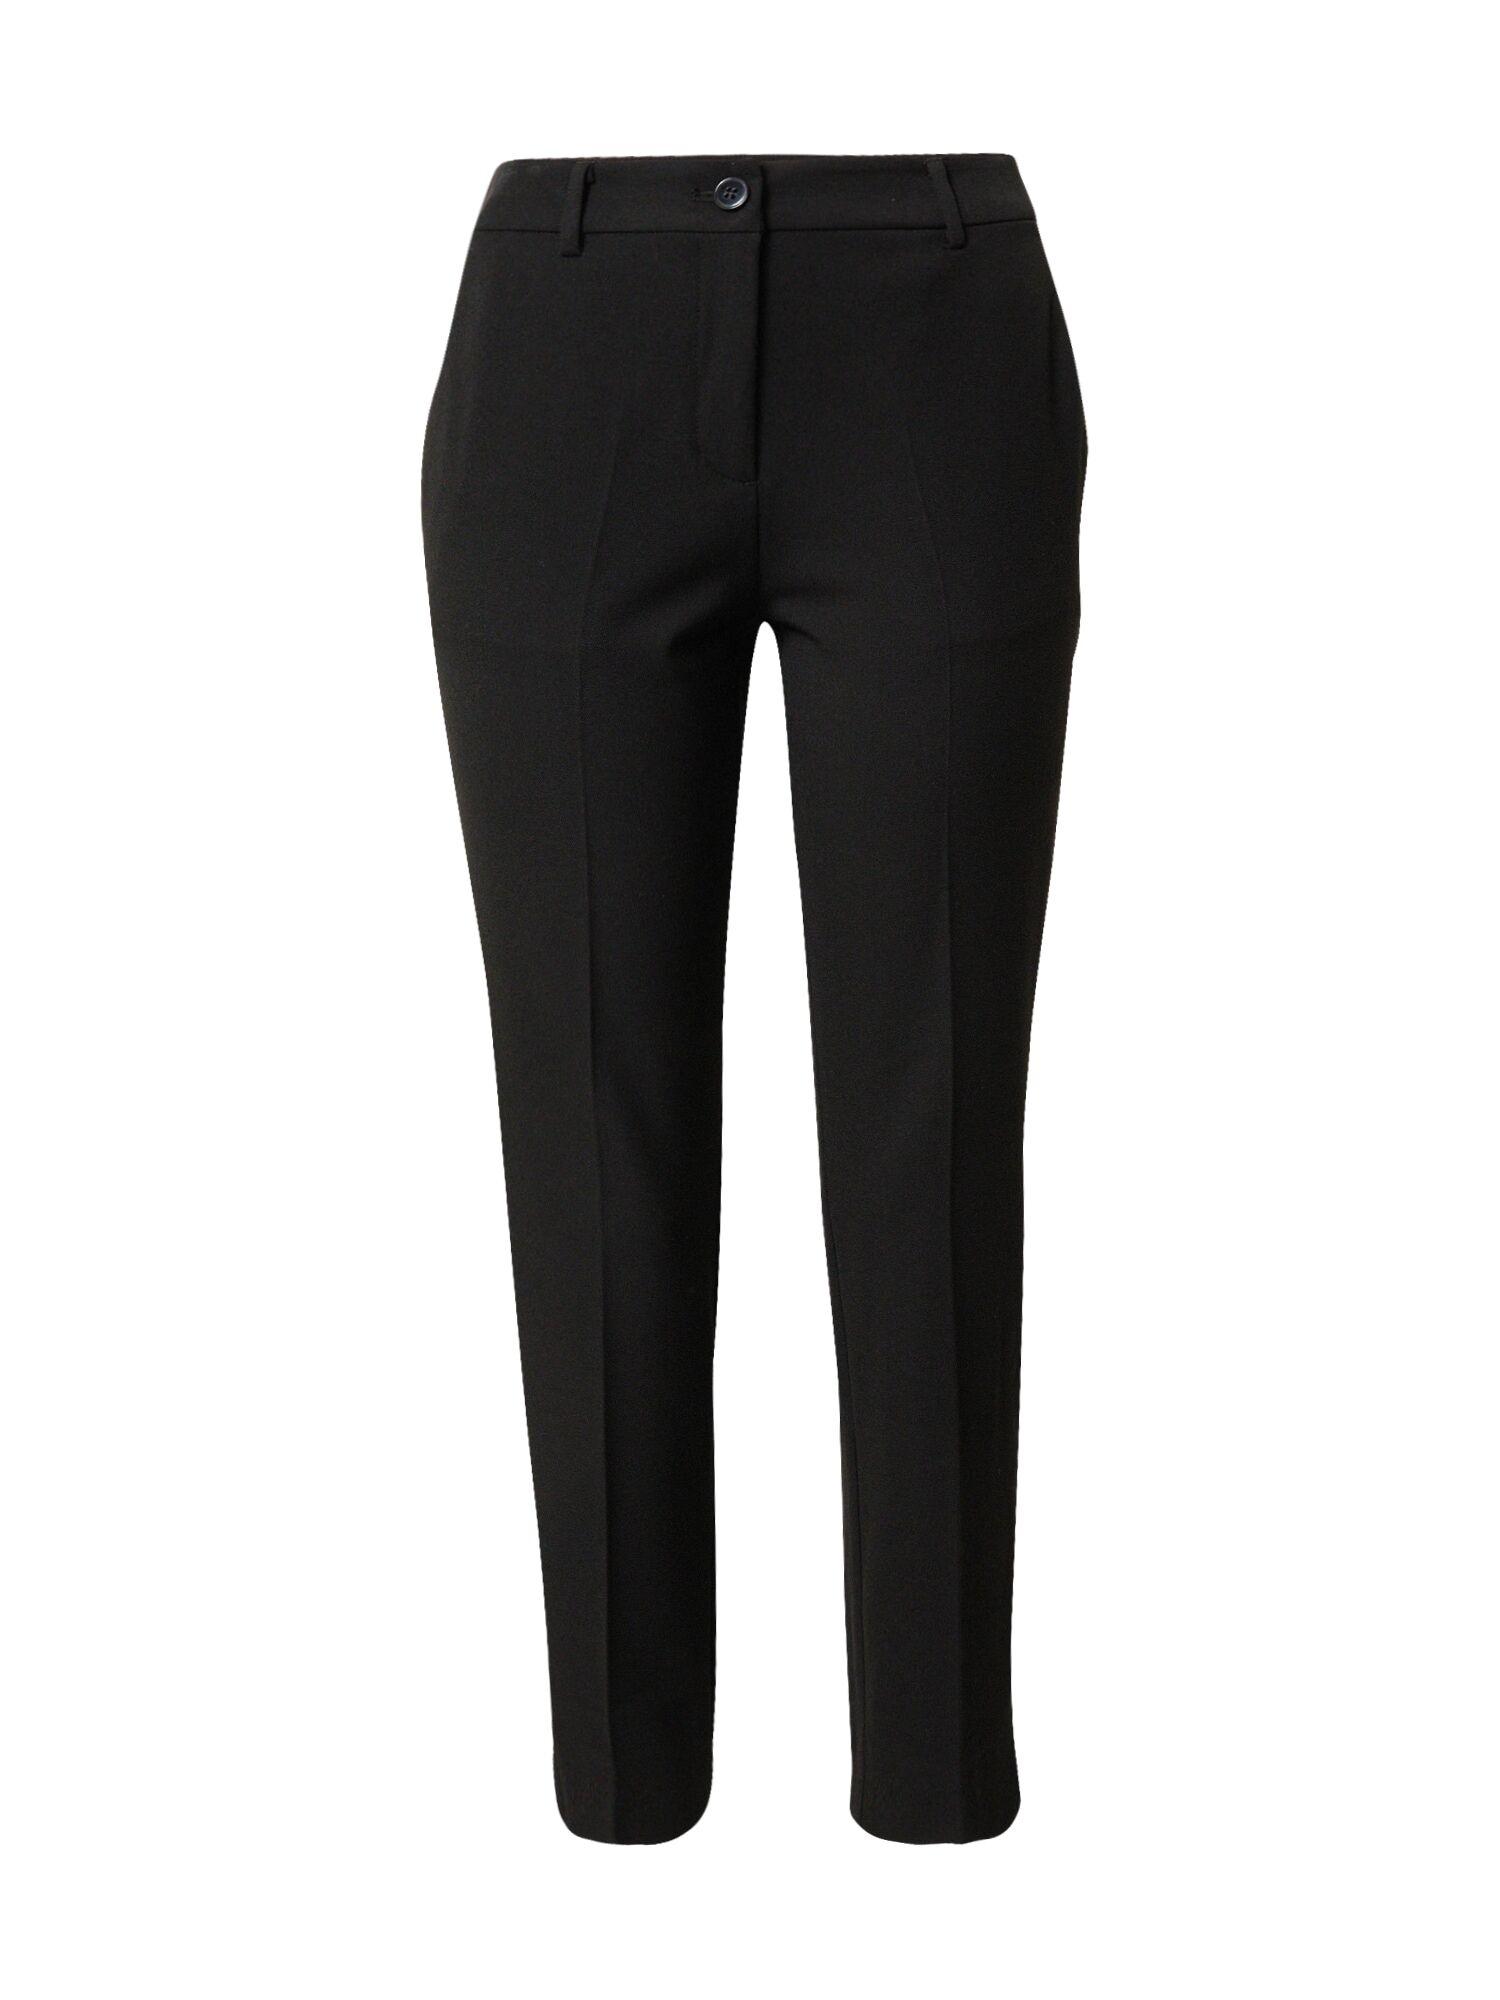 MINE TO FIVE Pantalon à plis  - Noir - Taille: 34 - female